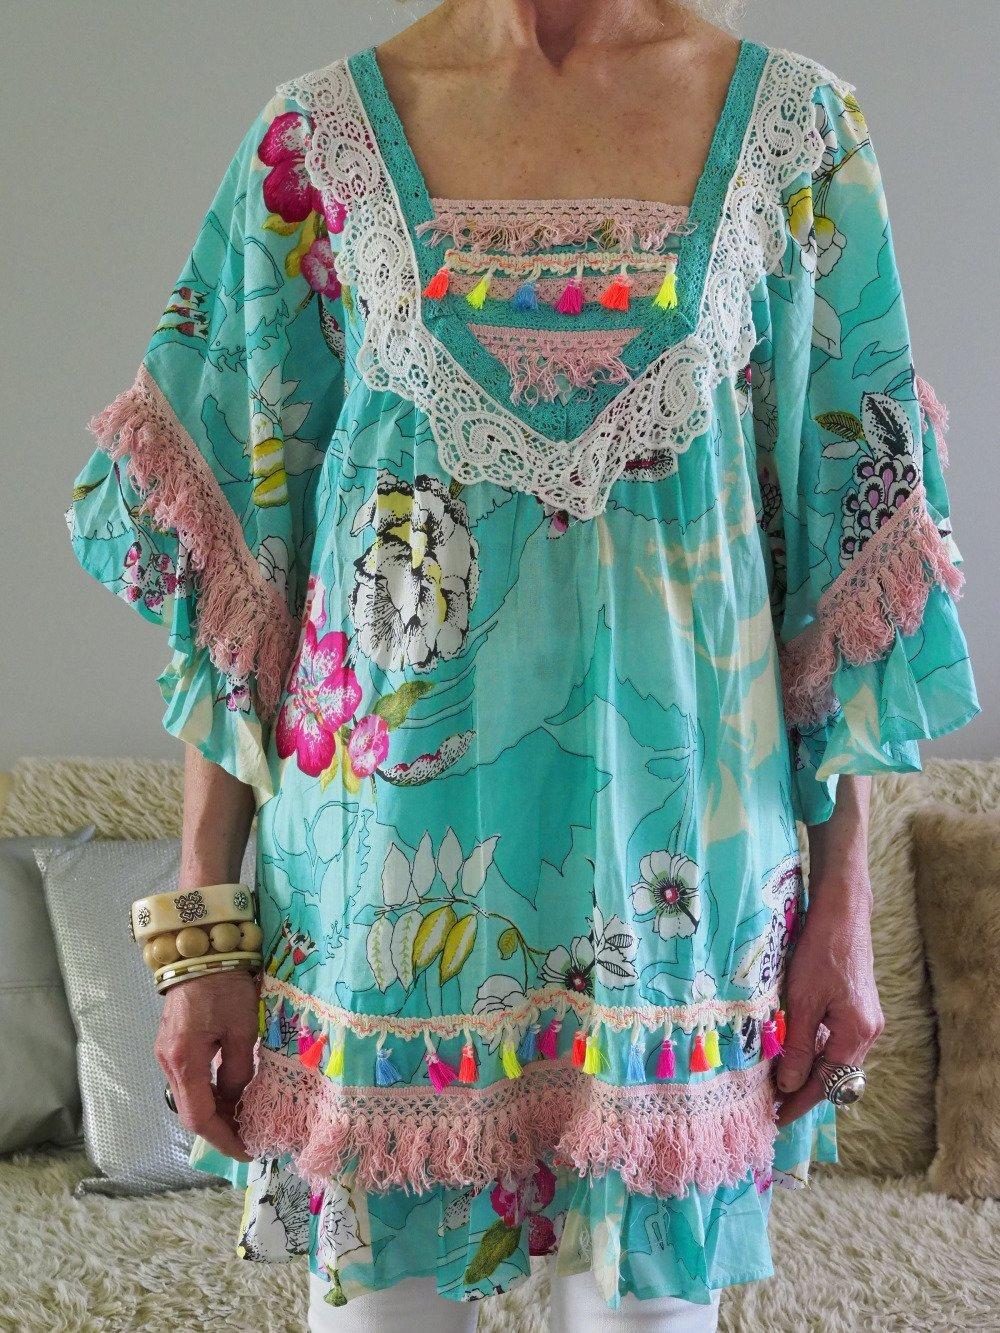 tunique boème vintage florale, chemise dentelle franges hippie chic mode festival, blouse coton fleuri dentelle style festival folk